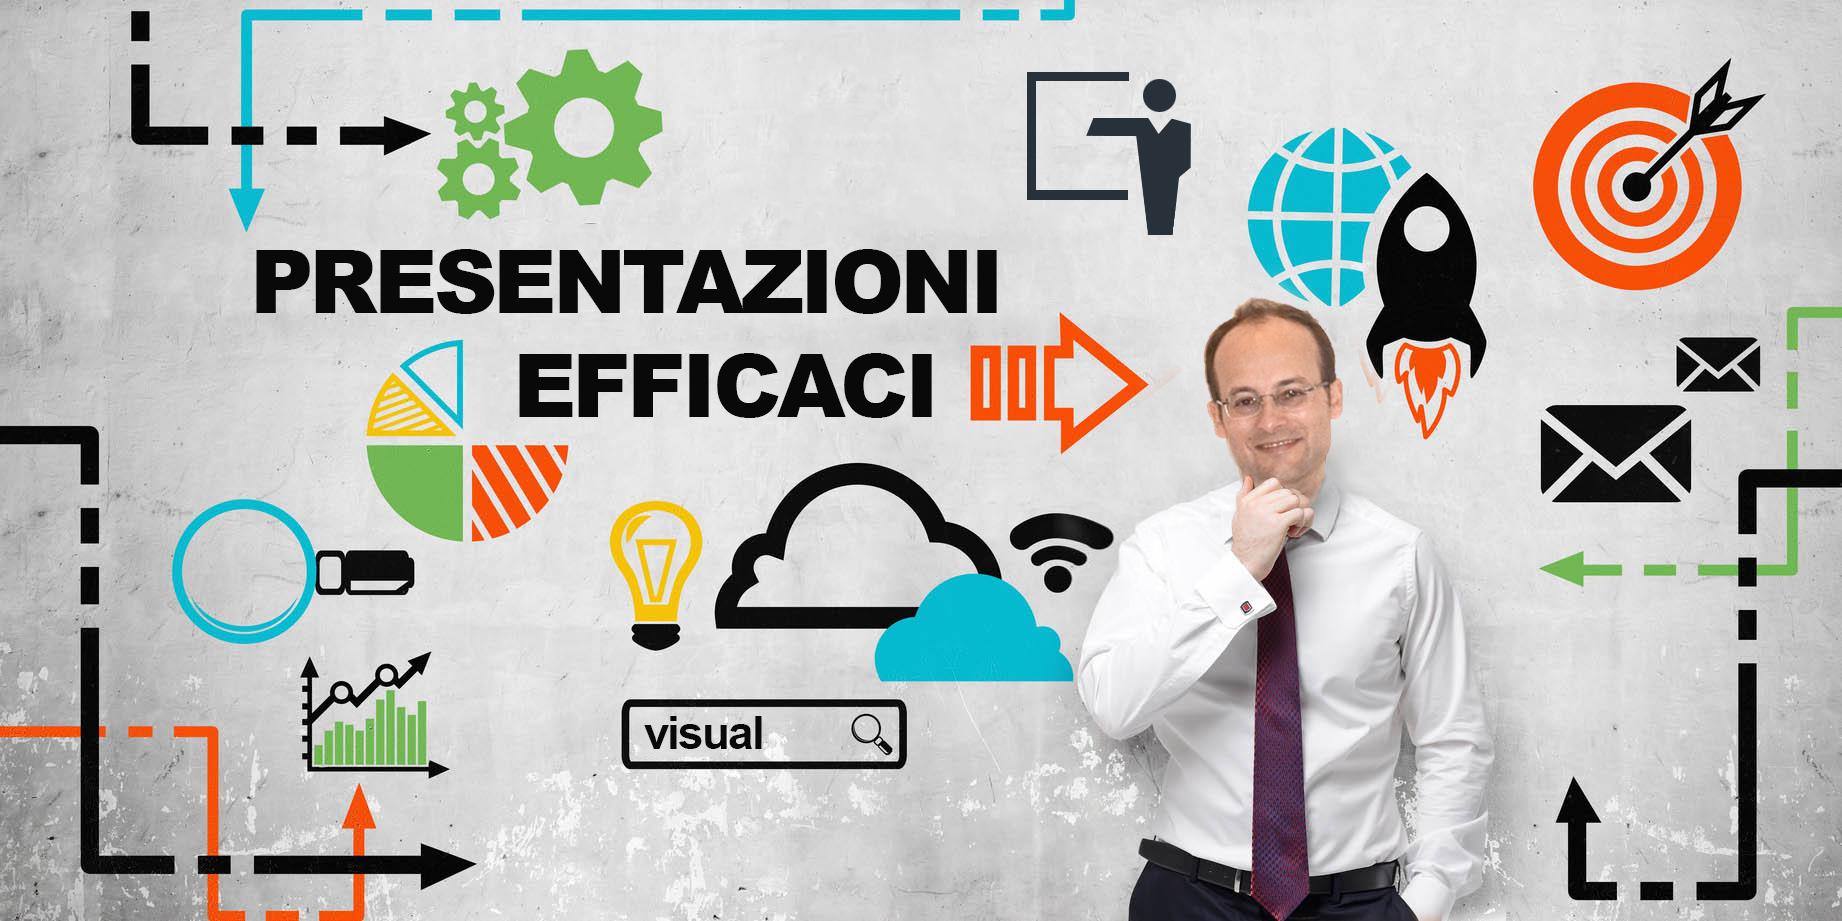 come-rendere-presentazioni-efficaci